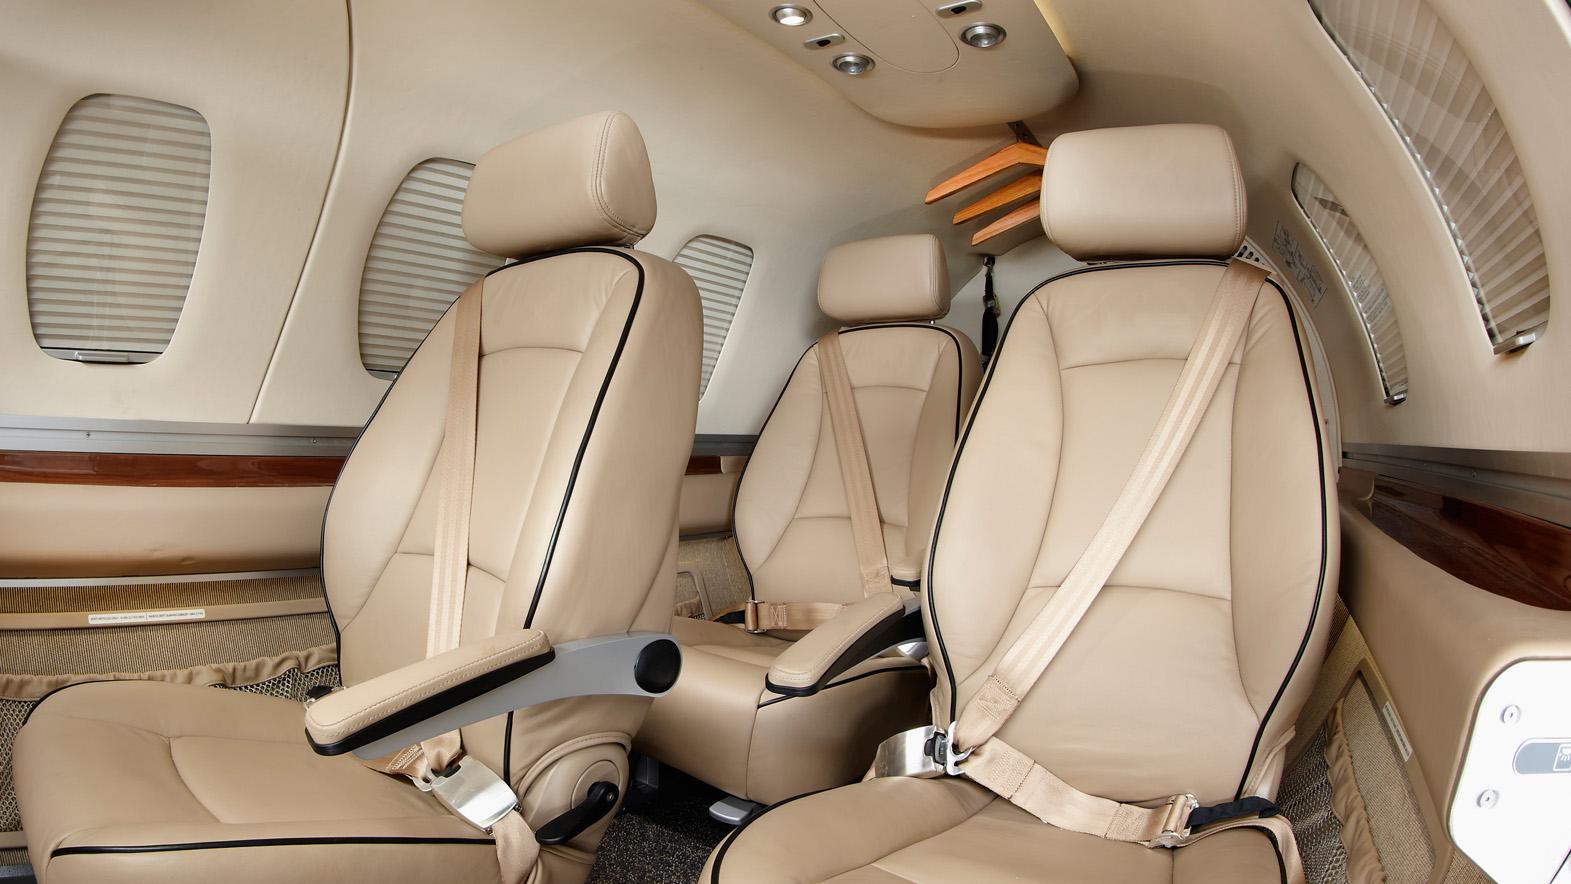 Interior of ECLIPSE 500 550